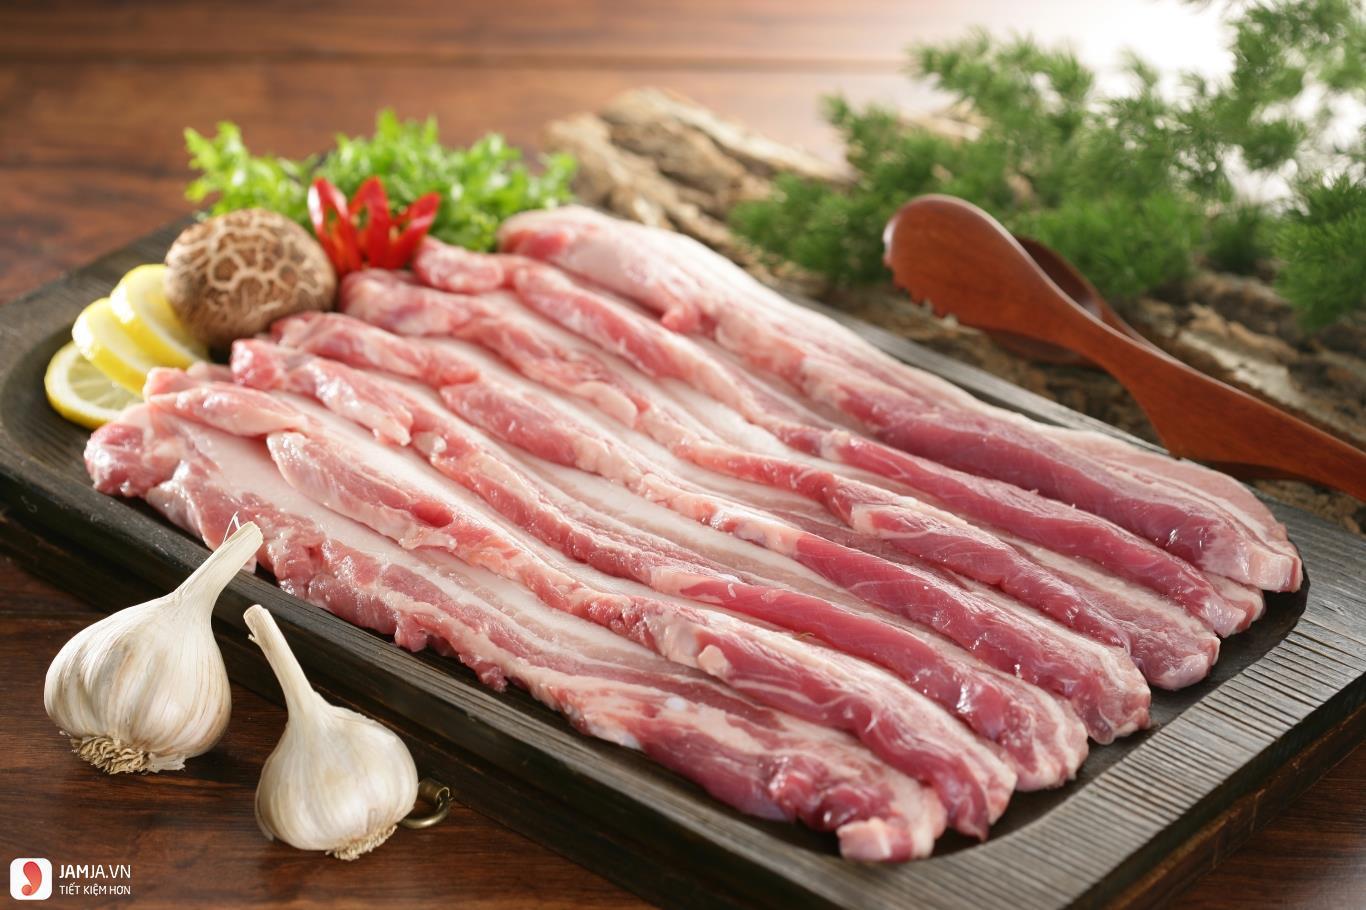 cách nướng thịt ba chỉ bằng lò nướng-9